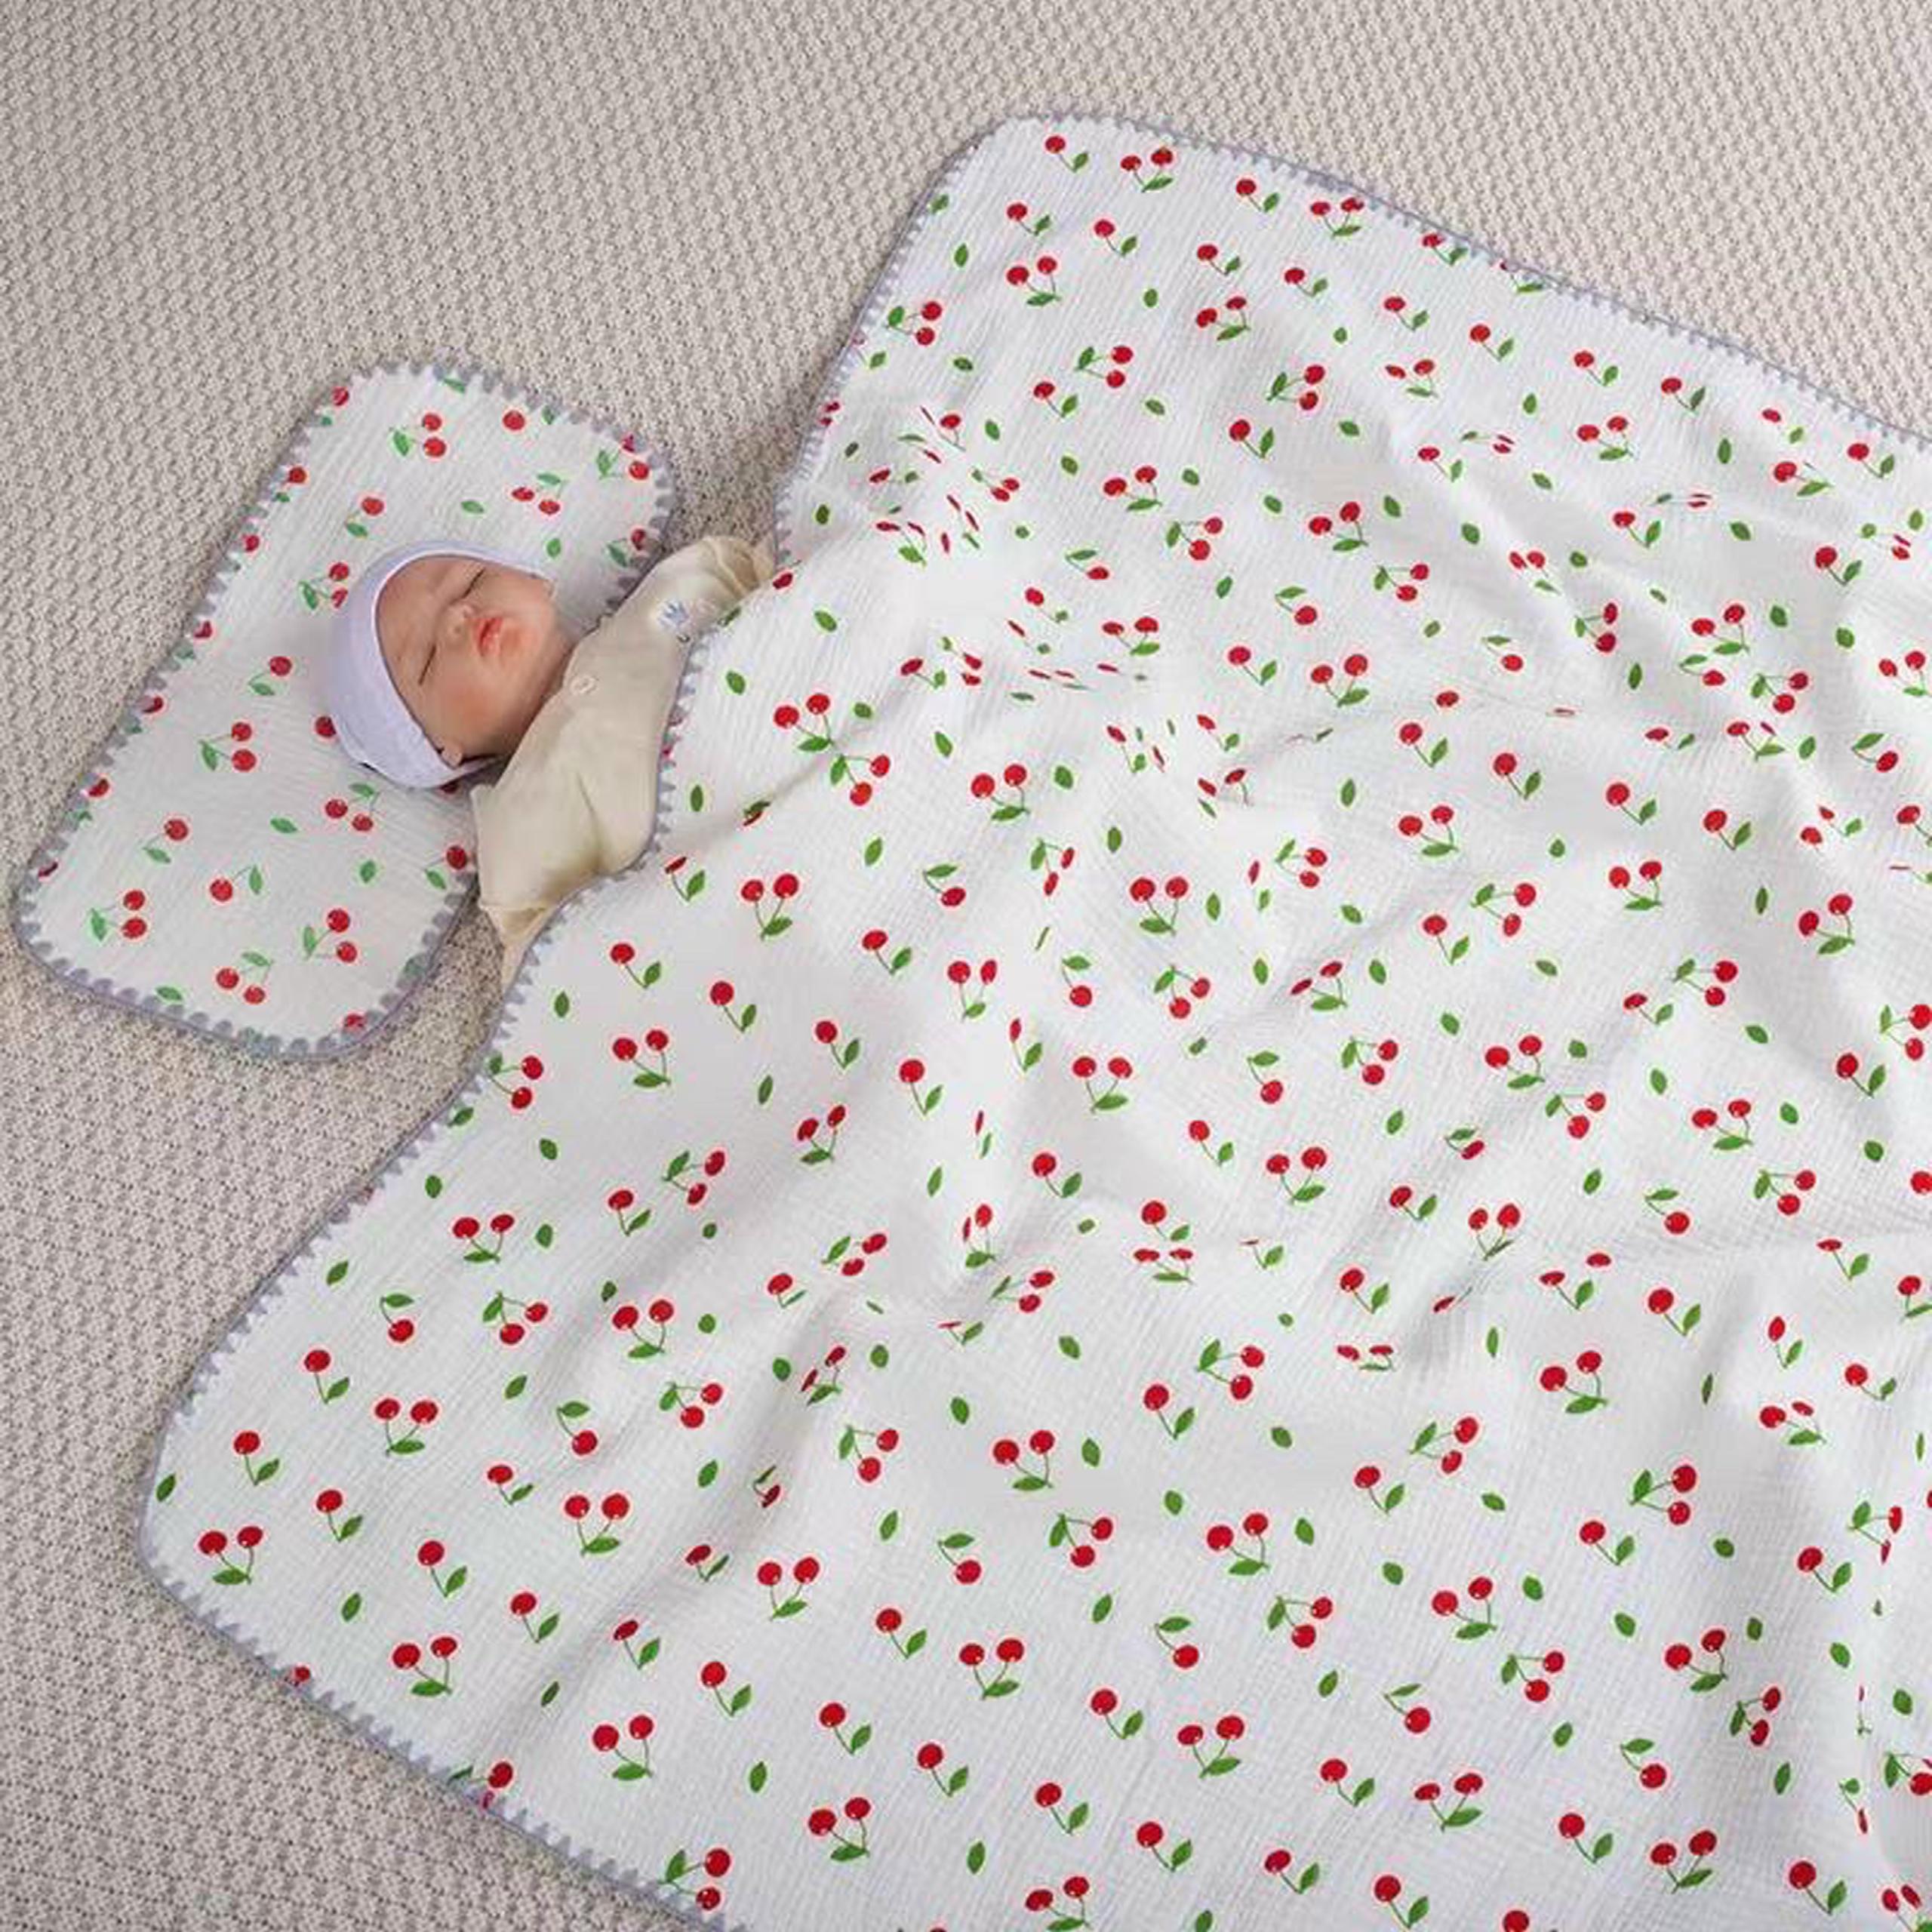 Bộ chăn gối xô chất liệu cao cấp mềm mịn thoáng kích thước 110x110cm cho bé ngủ, nhỏ gọn tiện lợi cho bé đi học mẫu giáo